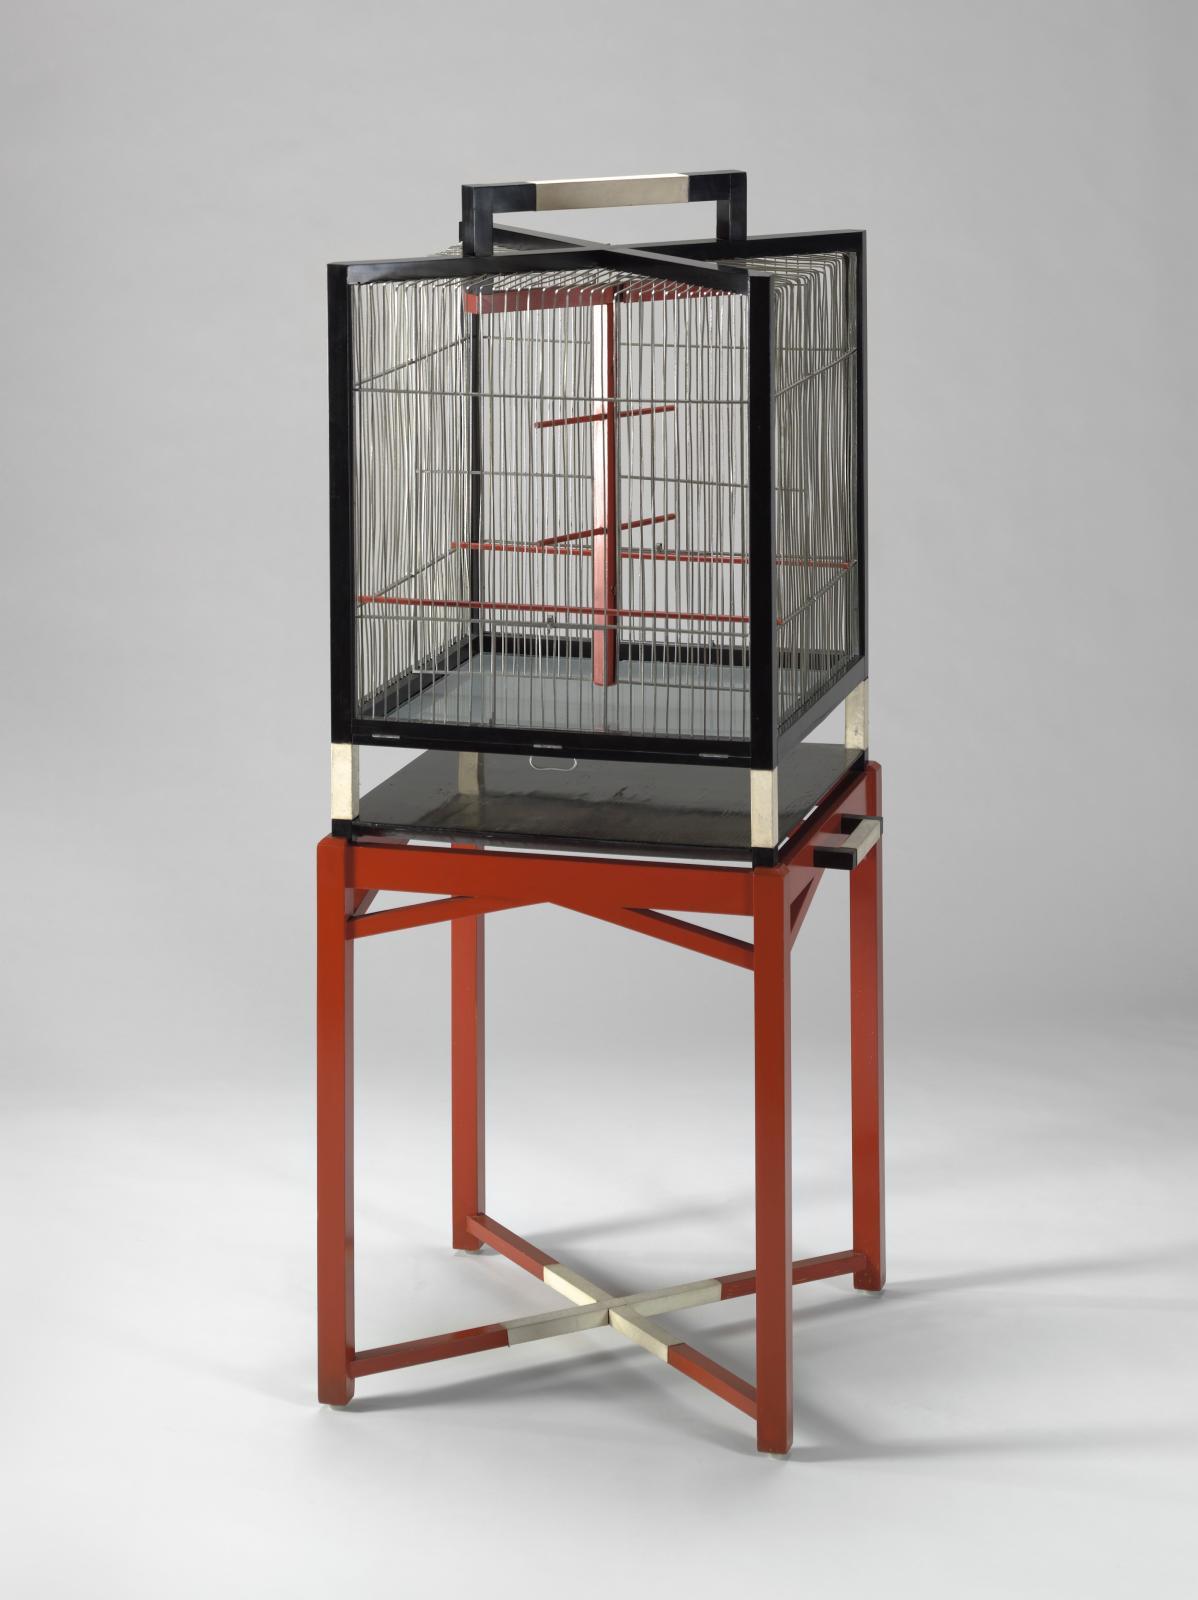 Cage à oiseaux en ébène laquée rouge et noir, partiellement gainée de parchemin, reposant sur une base laquée rouge, 1929. ©Richmond, Vir